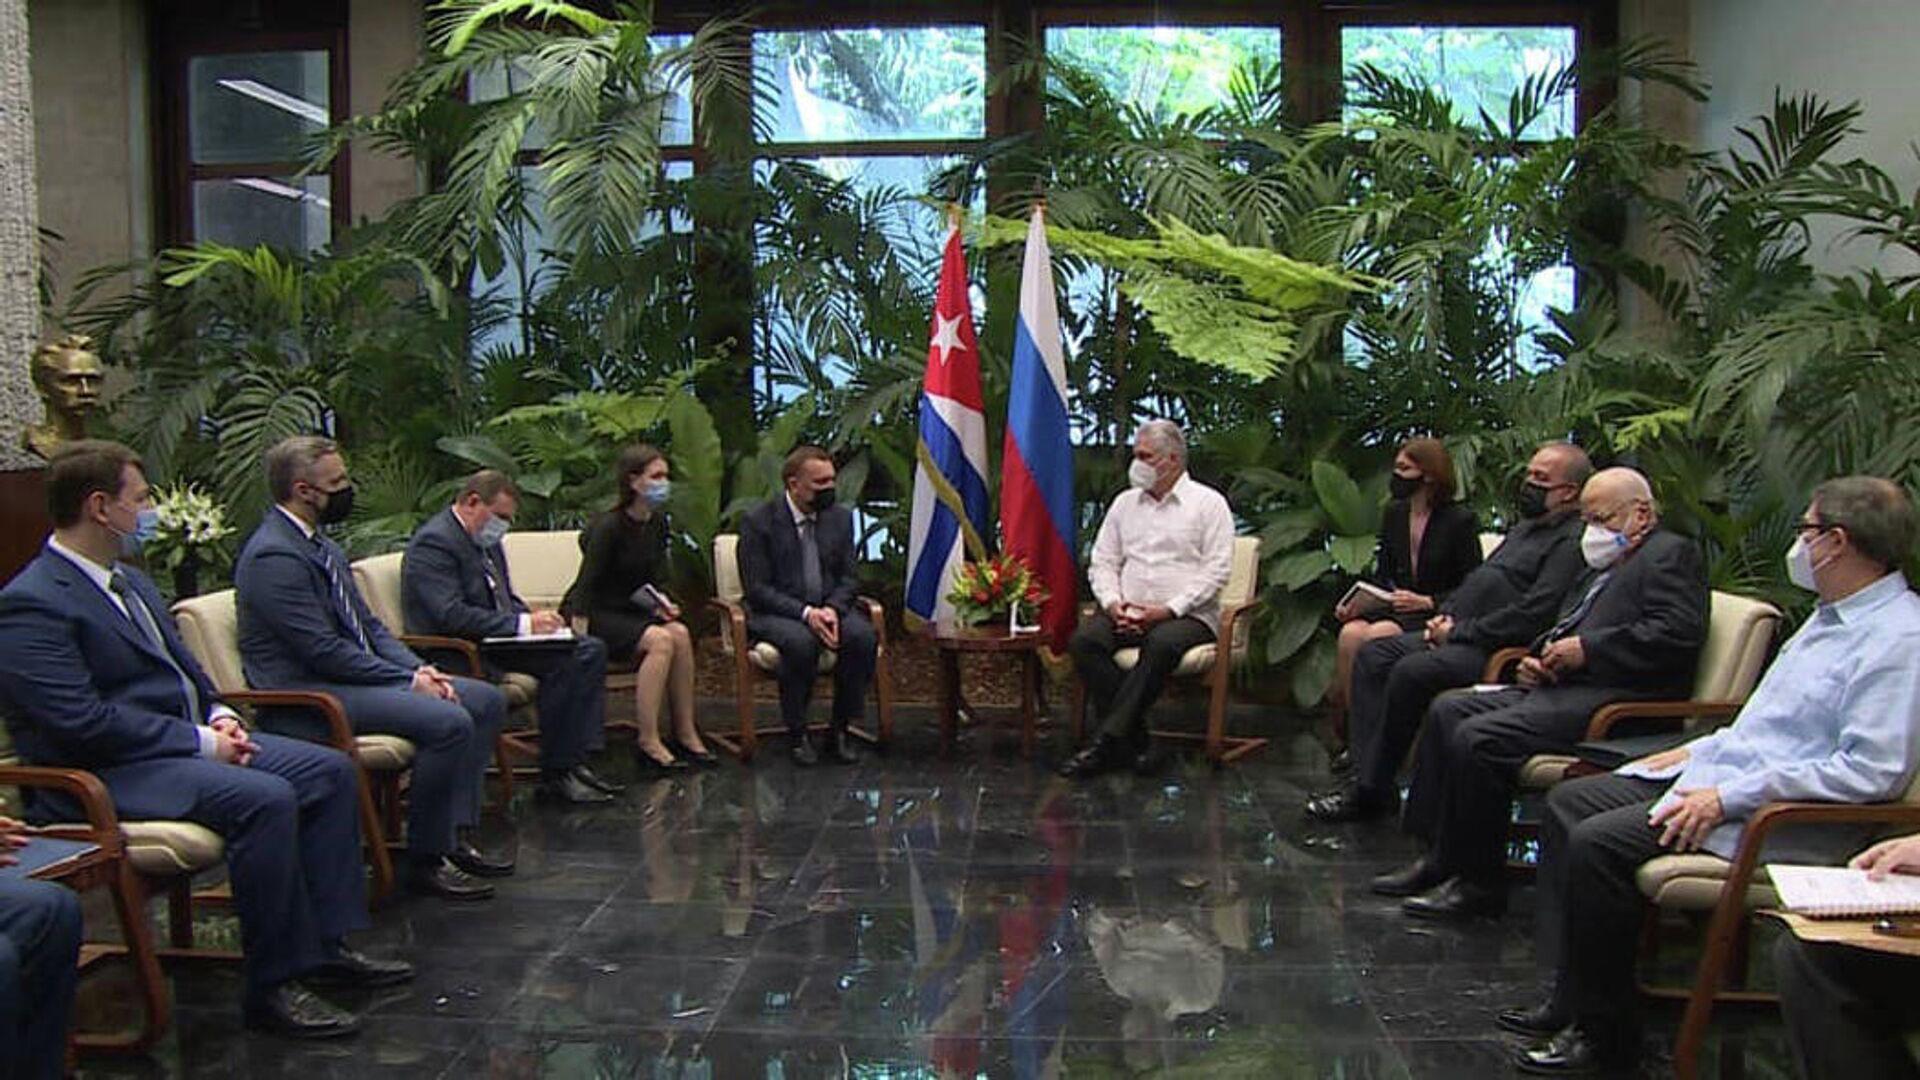 El presidente cubano Miguel Díaz-Canel recibió al vice primer ministro ruso Yuri Borísov - Sputnik Mundo, 1920, 01.04.2021